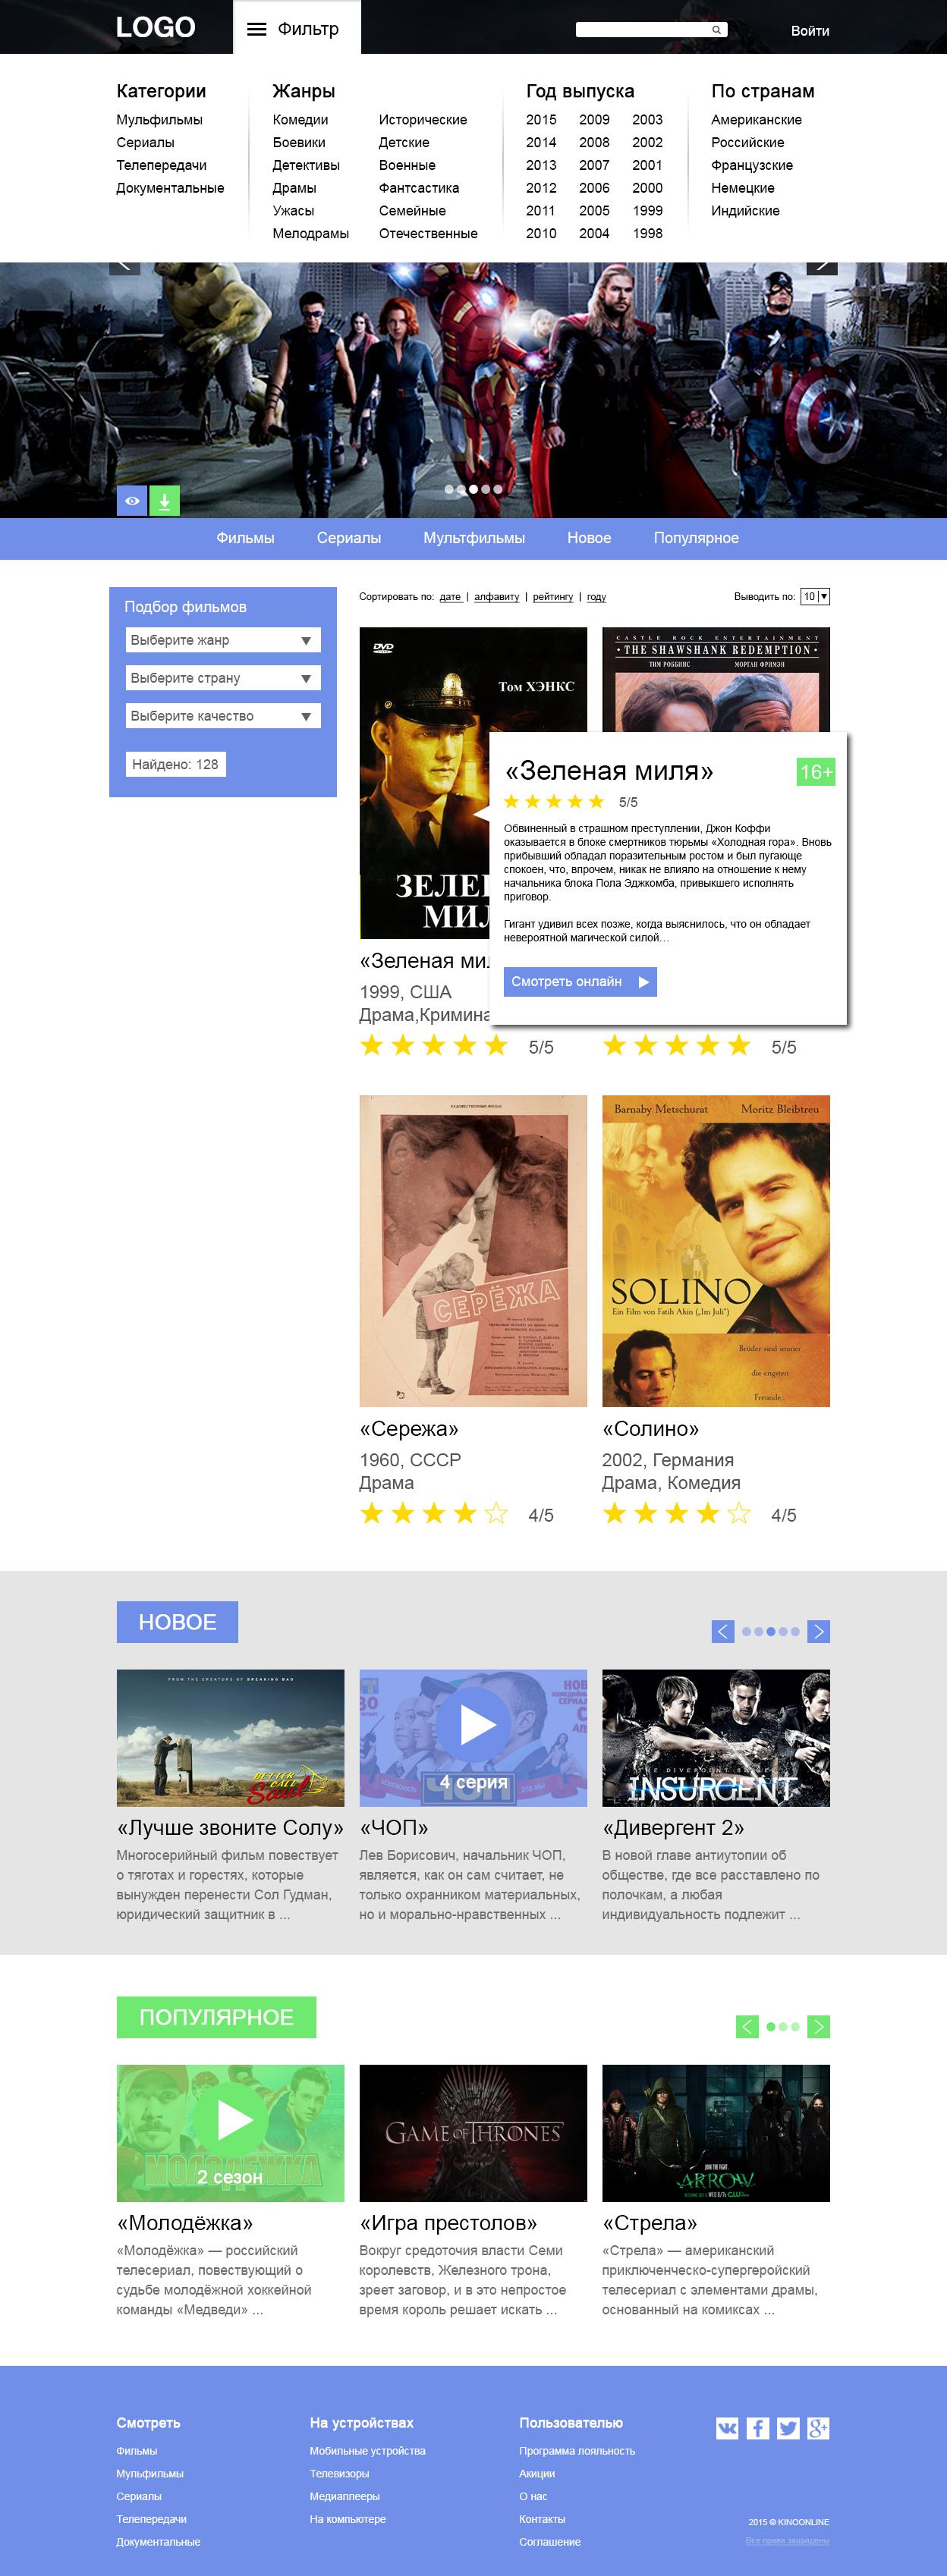 Дизайн для онлайн-кинотеатра фото f_86655282ad56e83a.jpg